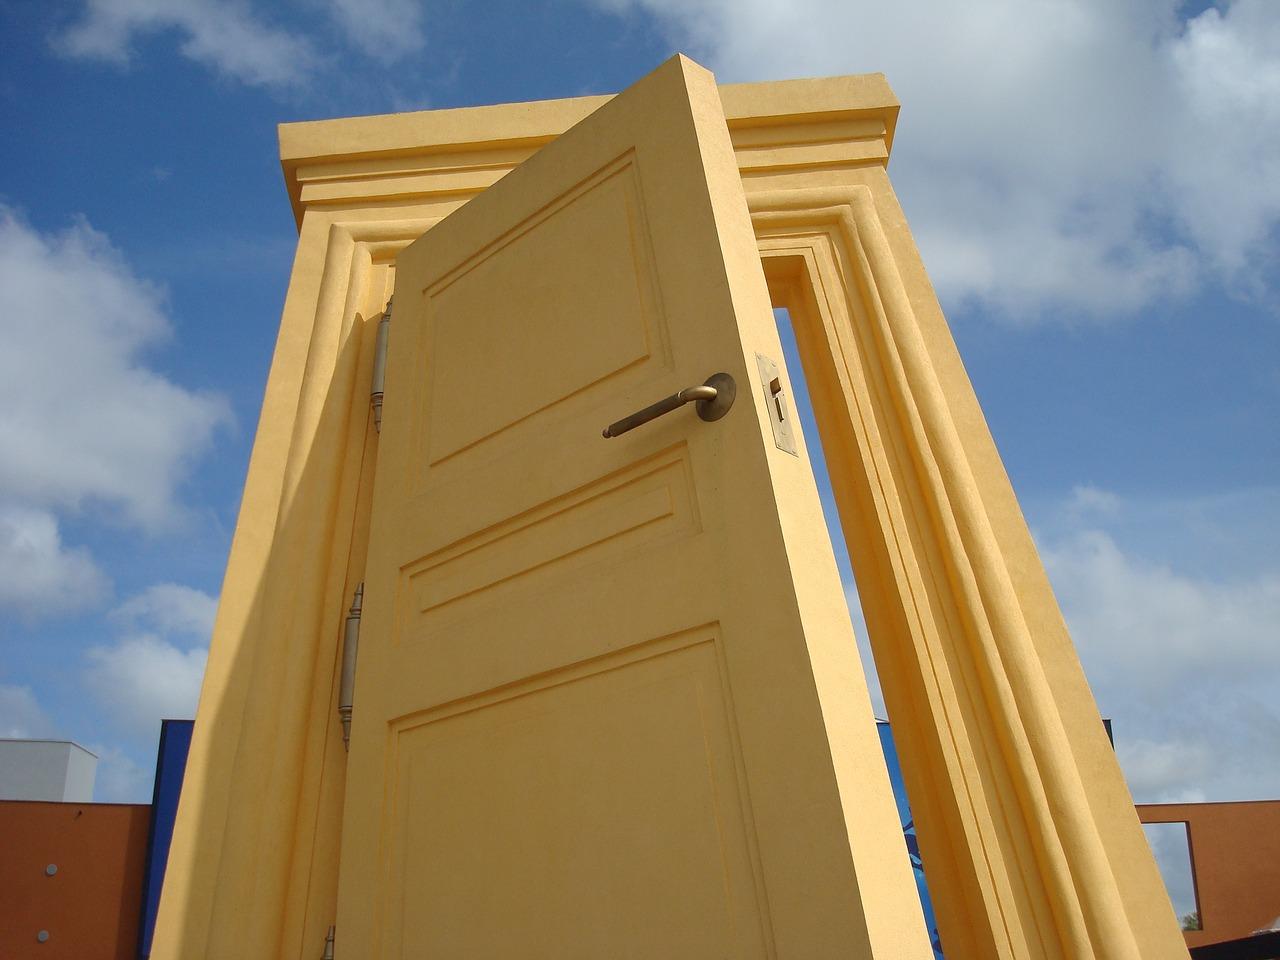 Comment choisir le matériau pour la fabrication d'une porte d'entrée